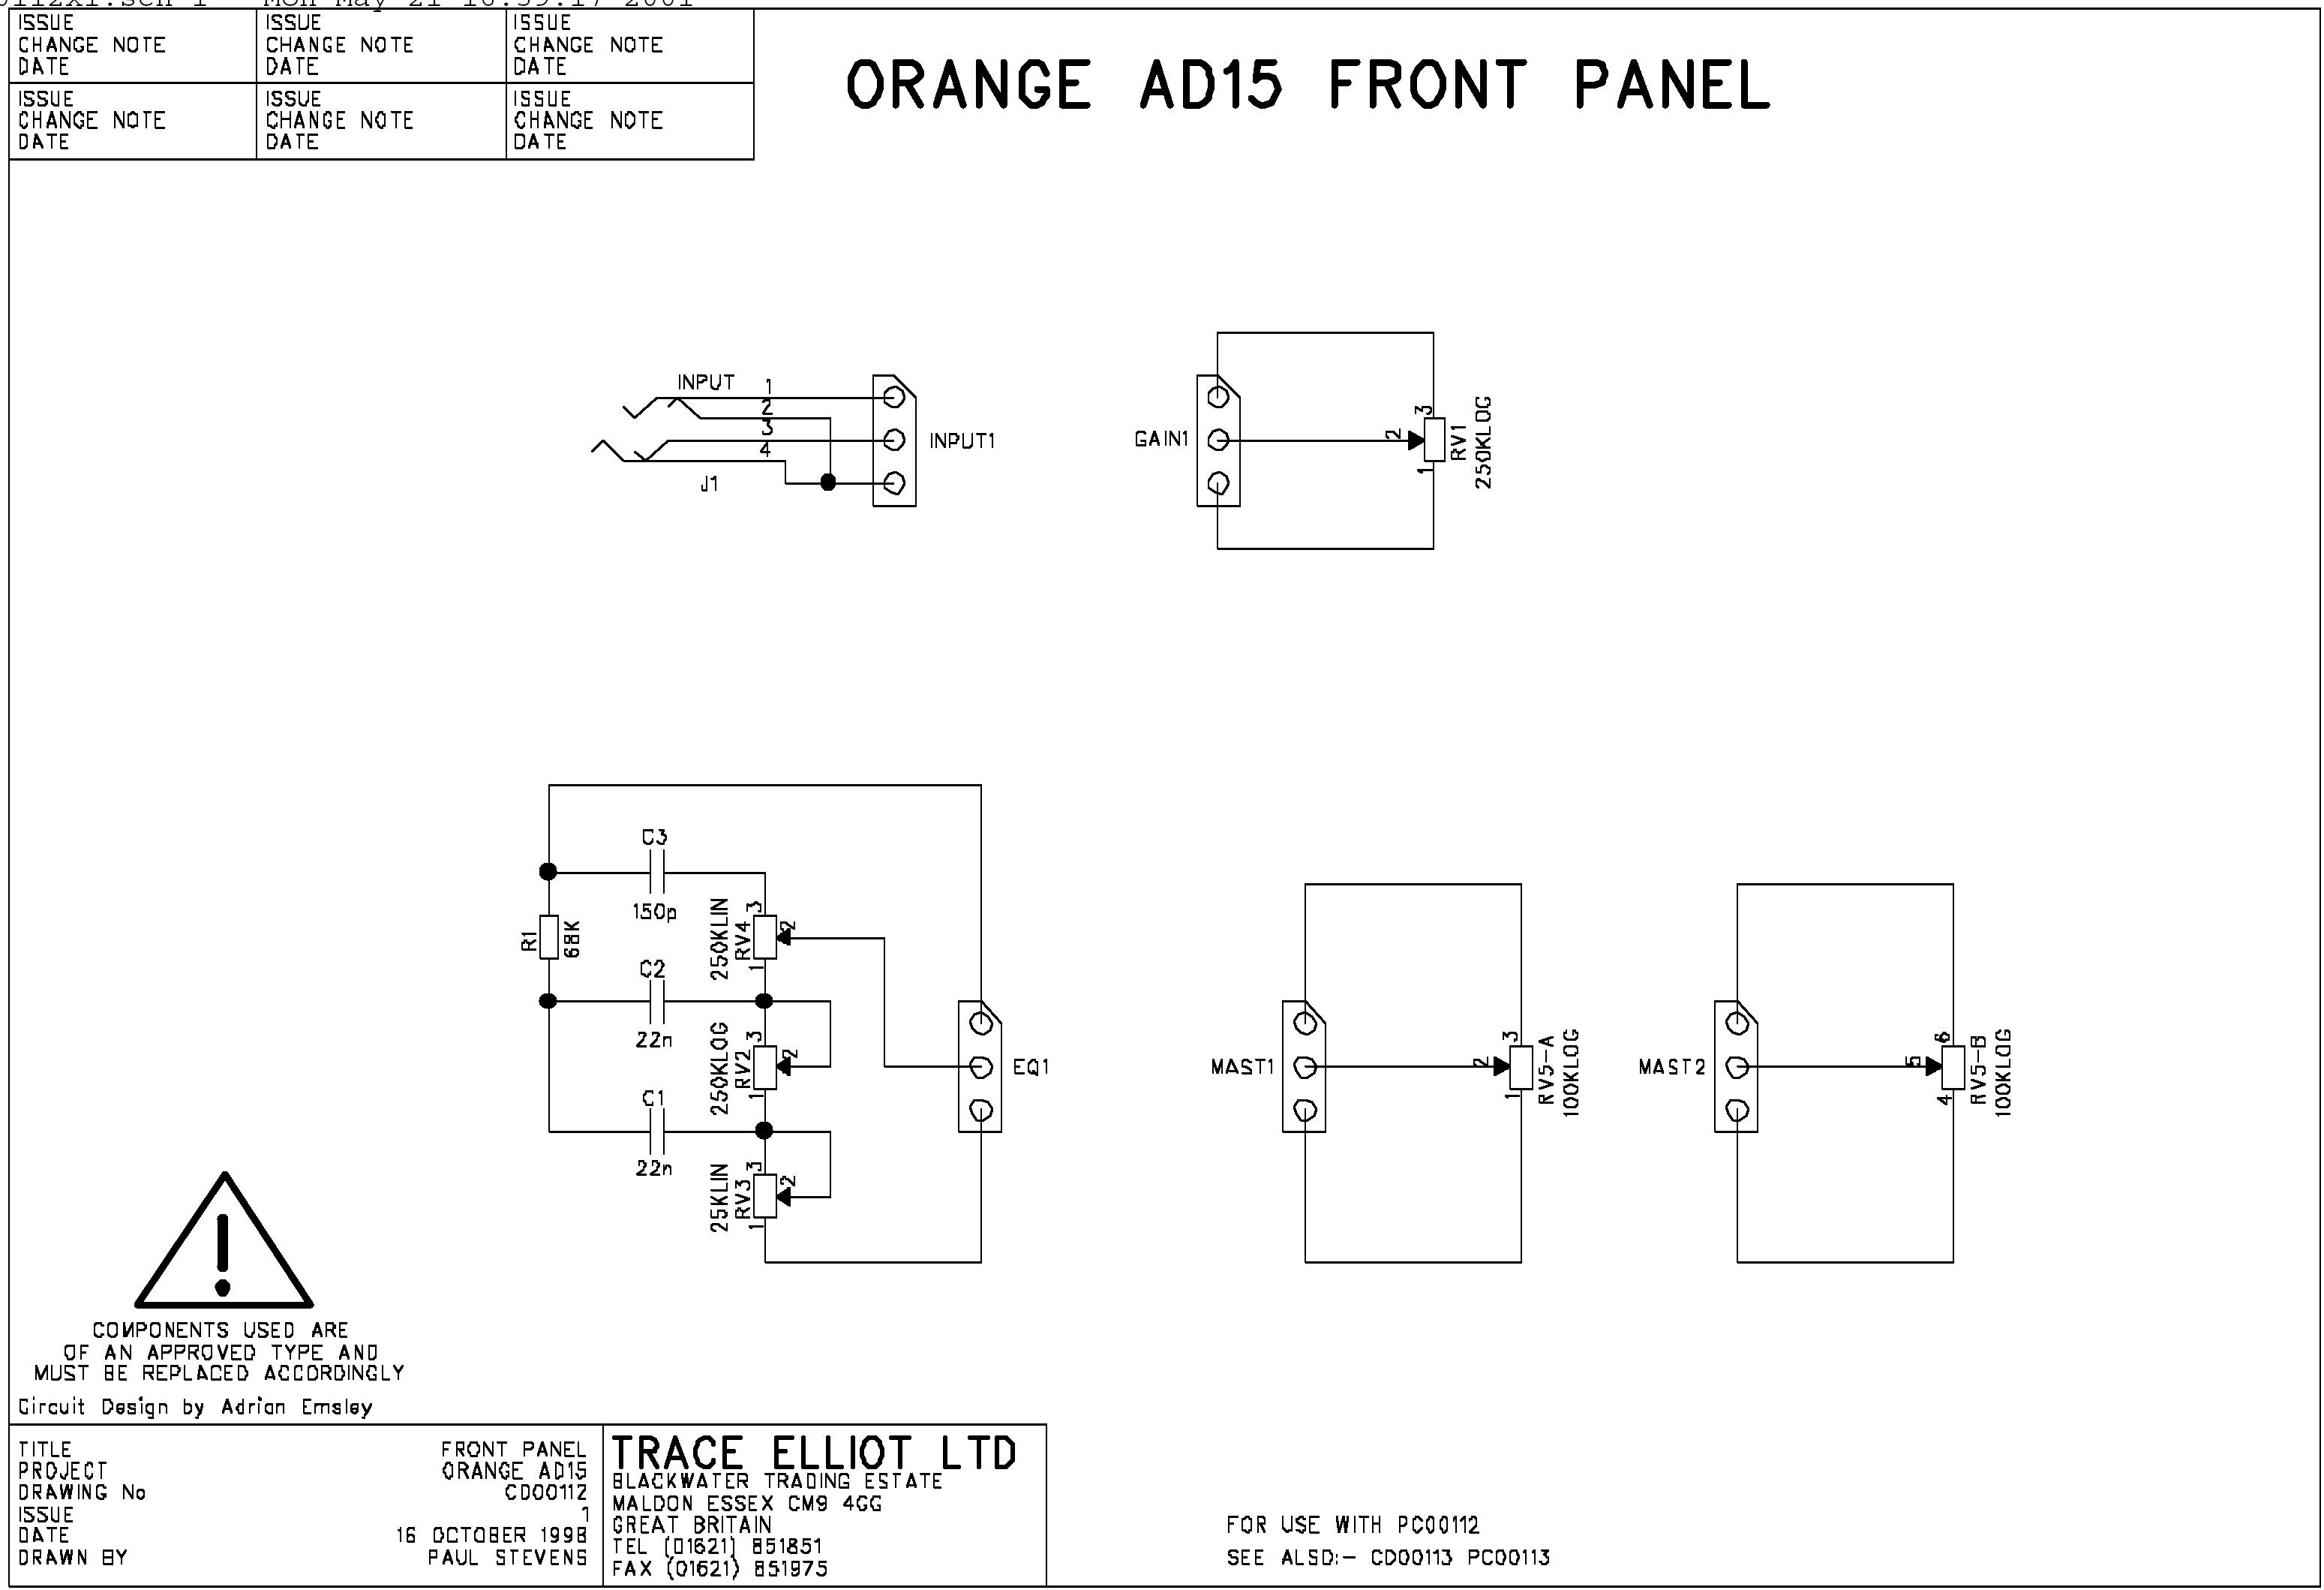 Prowess Amplifiers - Orange - Schematics - Ad15